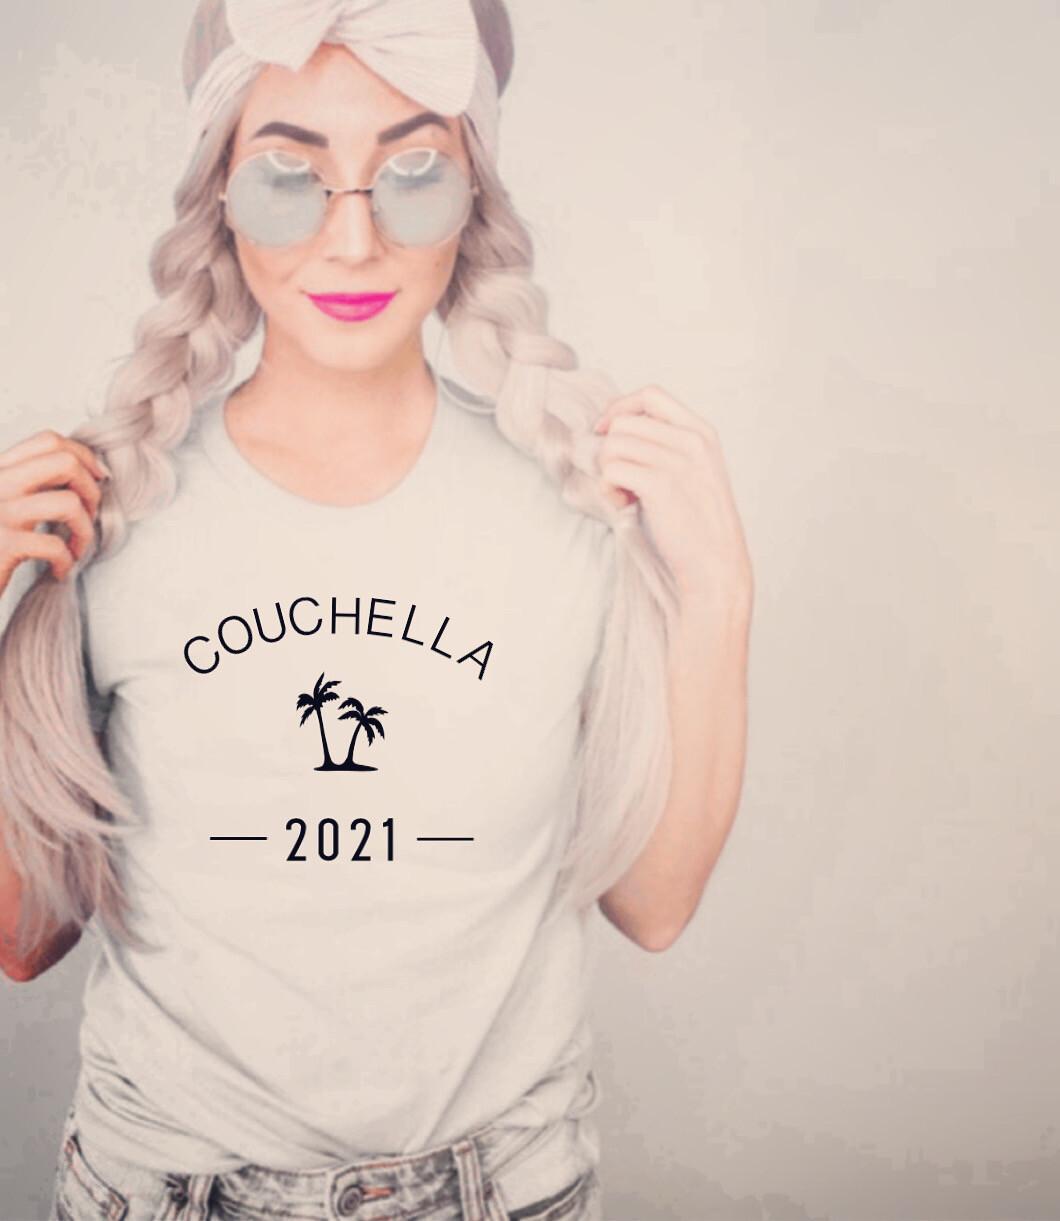 Couchella Boyfriend Tee